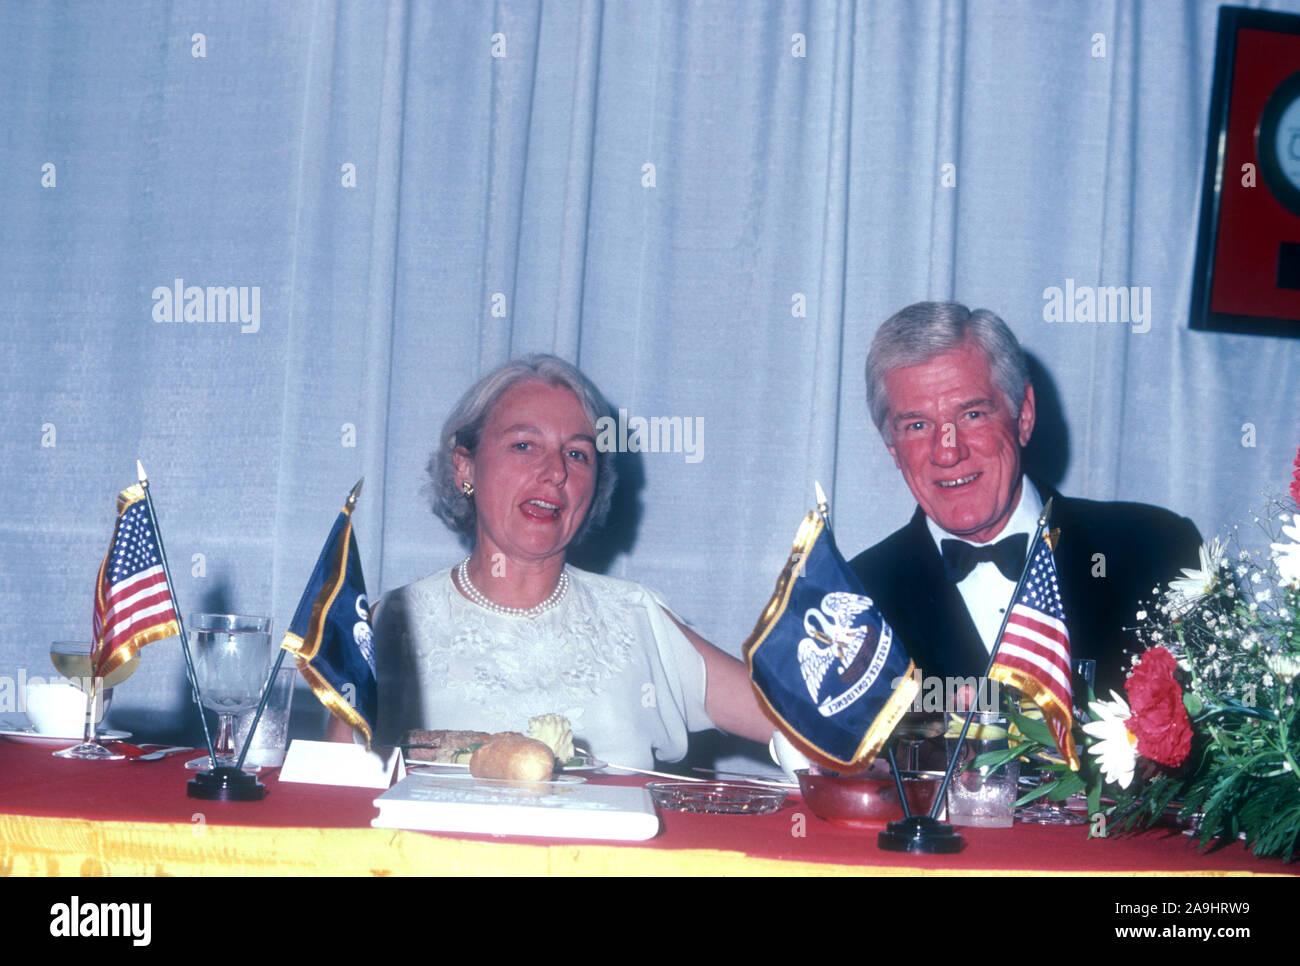 NEW ORLEANS, LA - 24 DE JUNIO: Byron Duneau se sienta en una mesa durante 1982 la Academia de Logros Premios placa de oro el 24 de junio de 1982 en Nueva Orleans, Luisiana. (Foto por Hy Peskin) *** Local Caption *** Byron Duneau Foto de stock